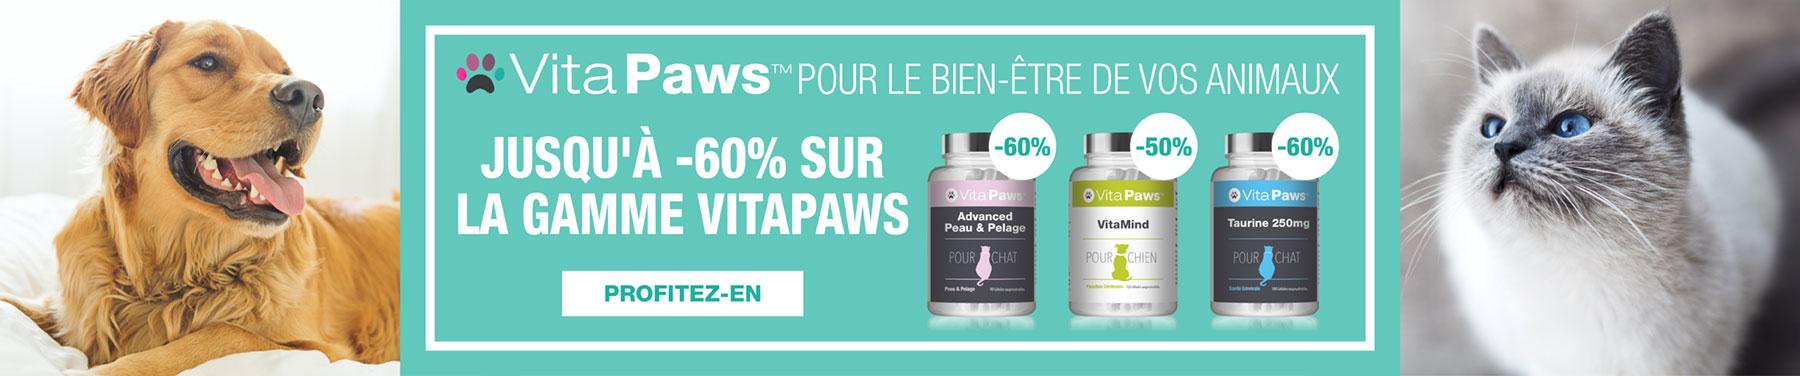 VitaPaws - Pour le bien-être de vos animaux - Jusqu'à -60% sur la gamme VitaPaws